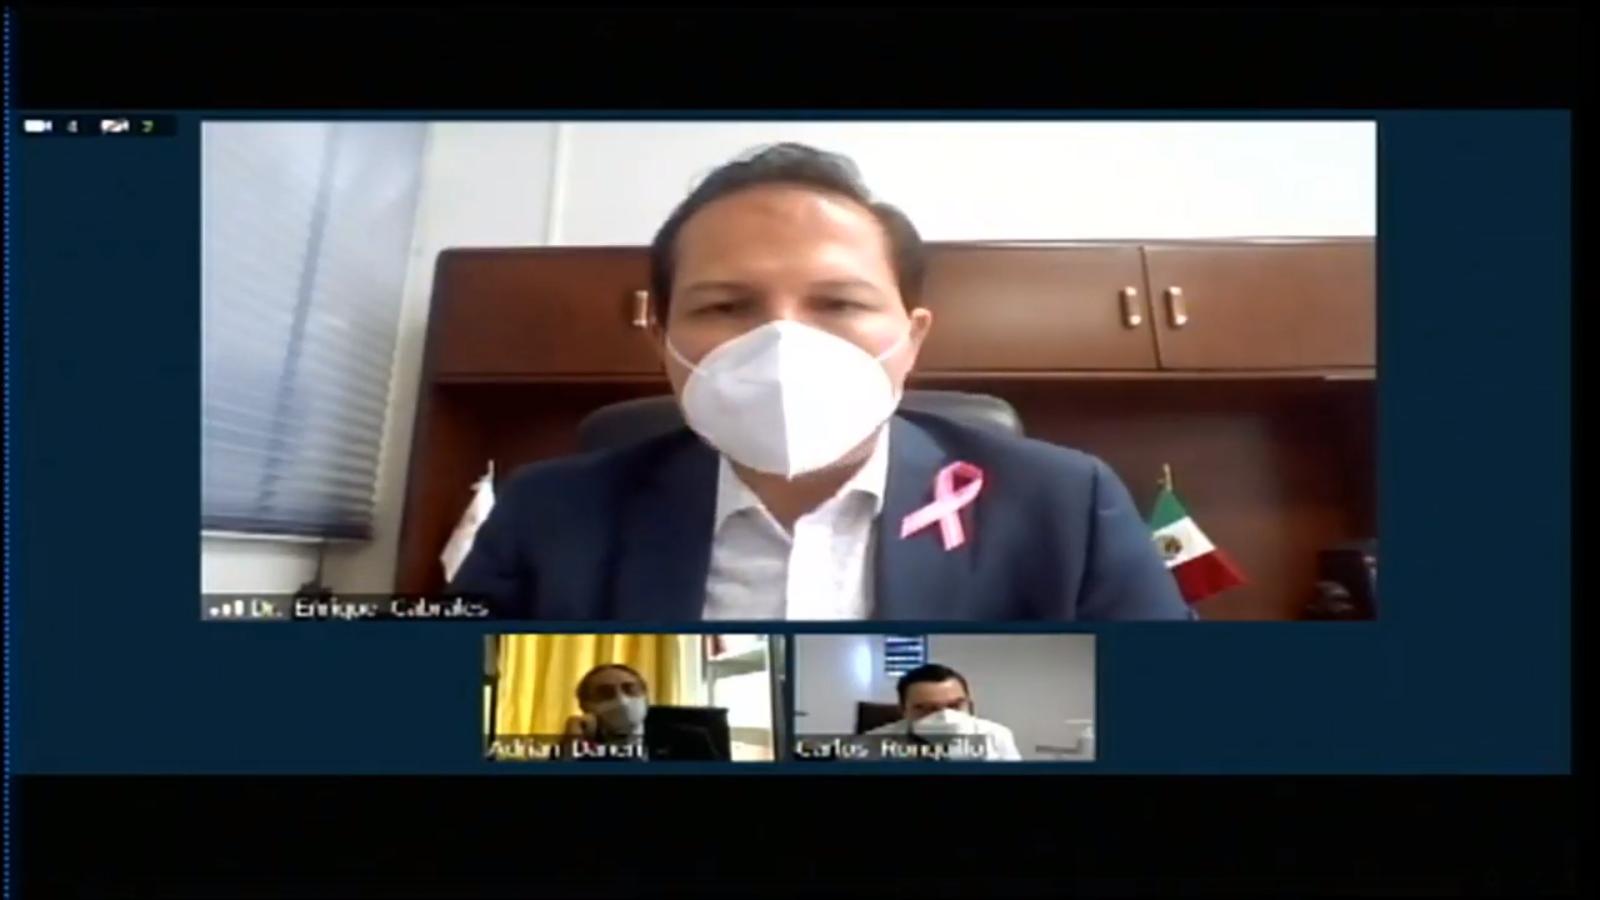 Captura de pantalla del Dr. Enrique Cabrales haciendo uso de la palabra